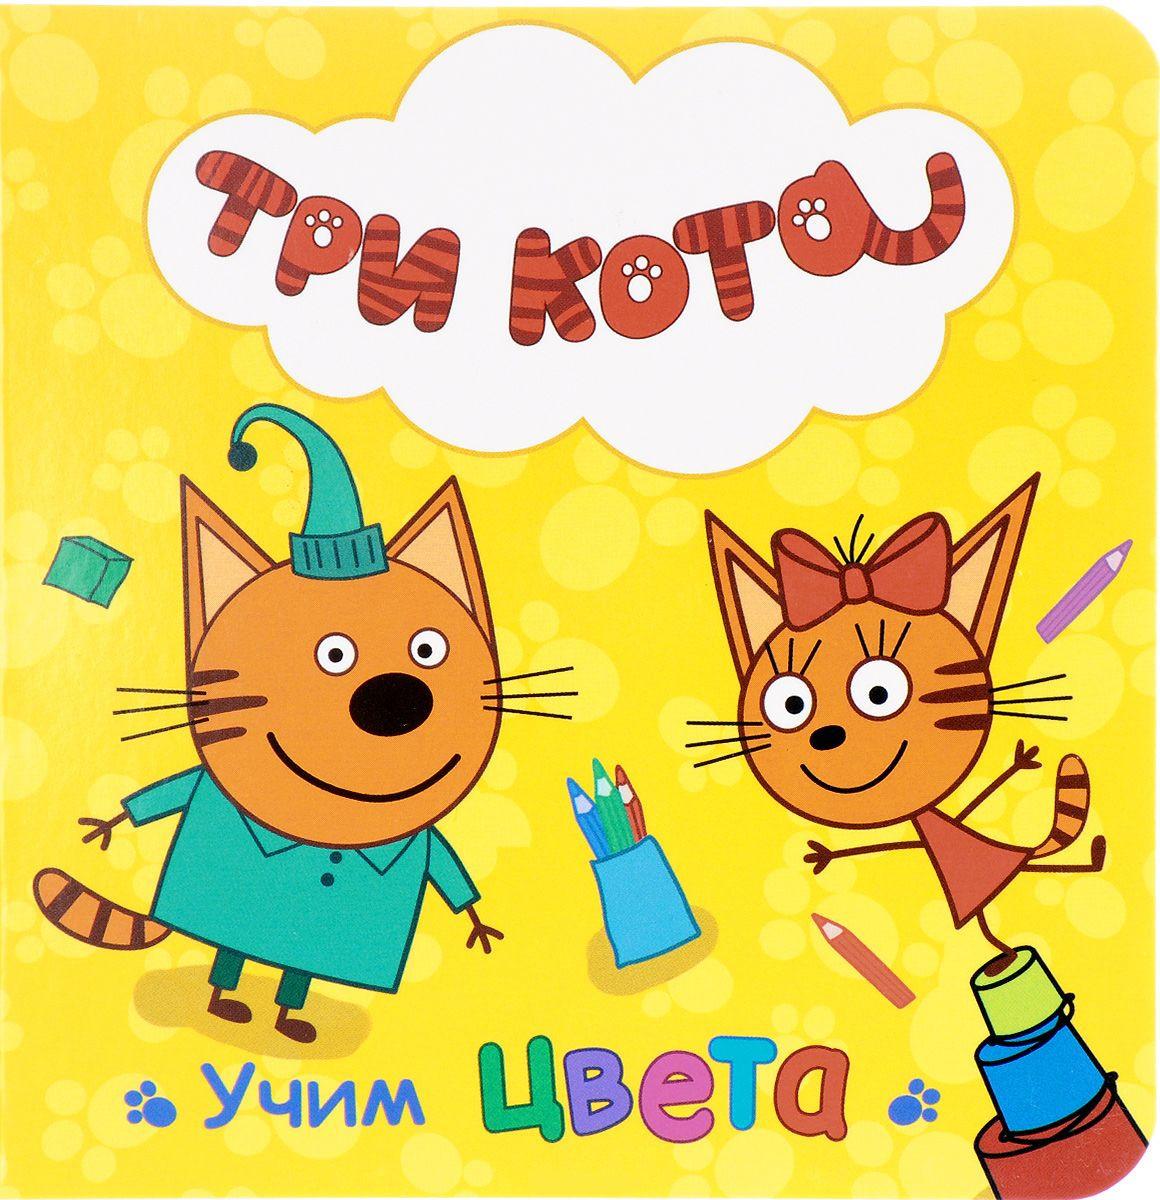 Книга - Три кота - Учим цветаОбучающие книги. Книги с картинками<br>Книга - Три кота - Учим цвета<br>